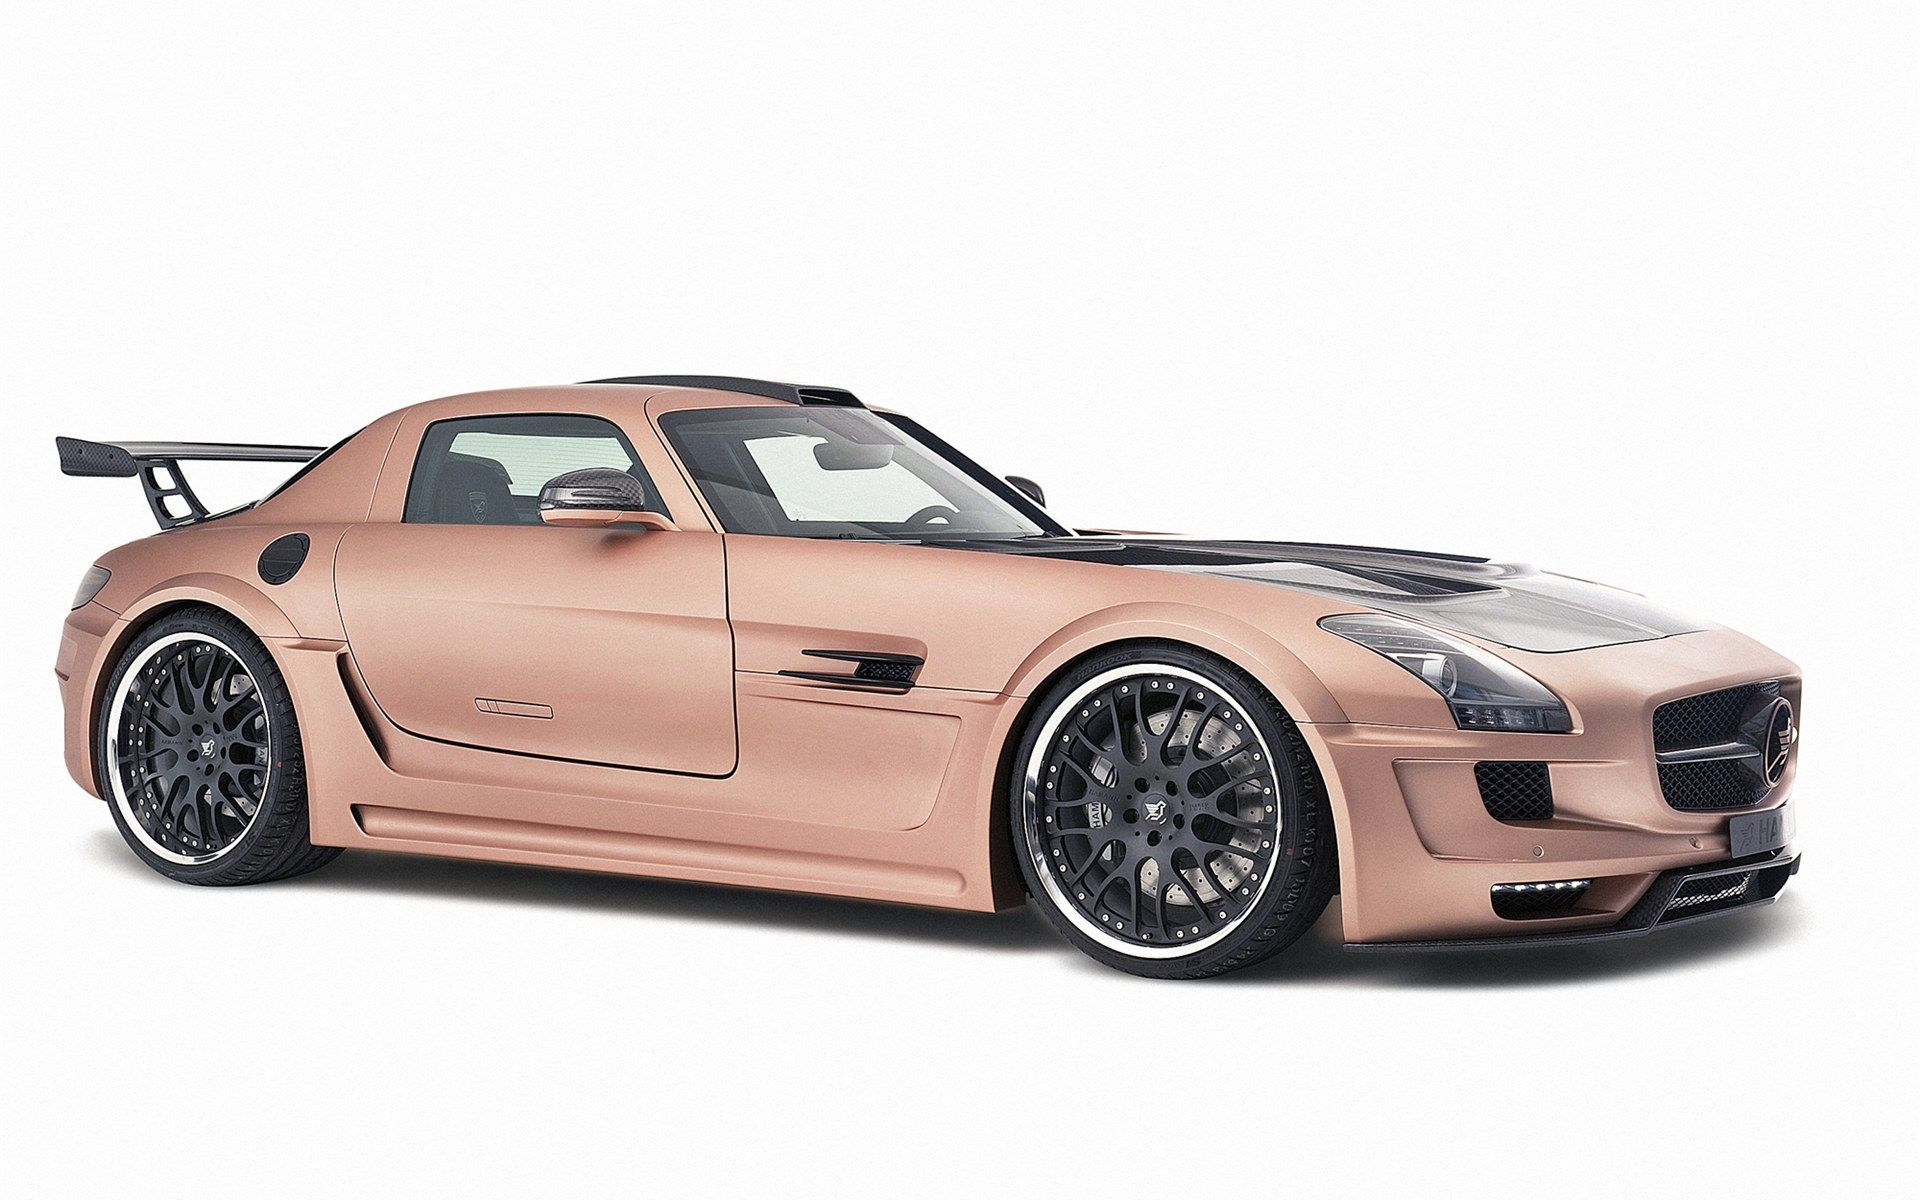 2012 mercedes benz c63 amg car wallpaper wallpaper free download - Click To Free Download The Wallpaper Benz Releasing Its Modified Car